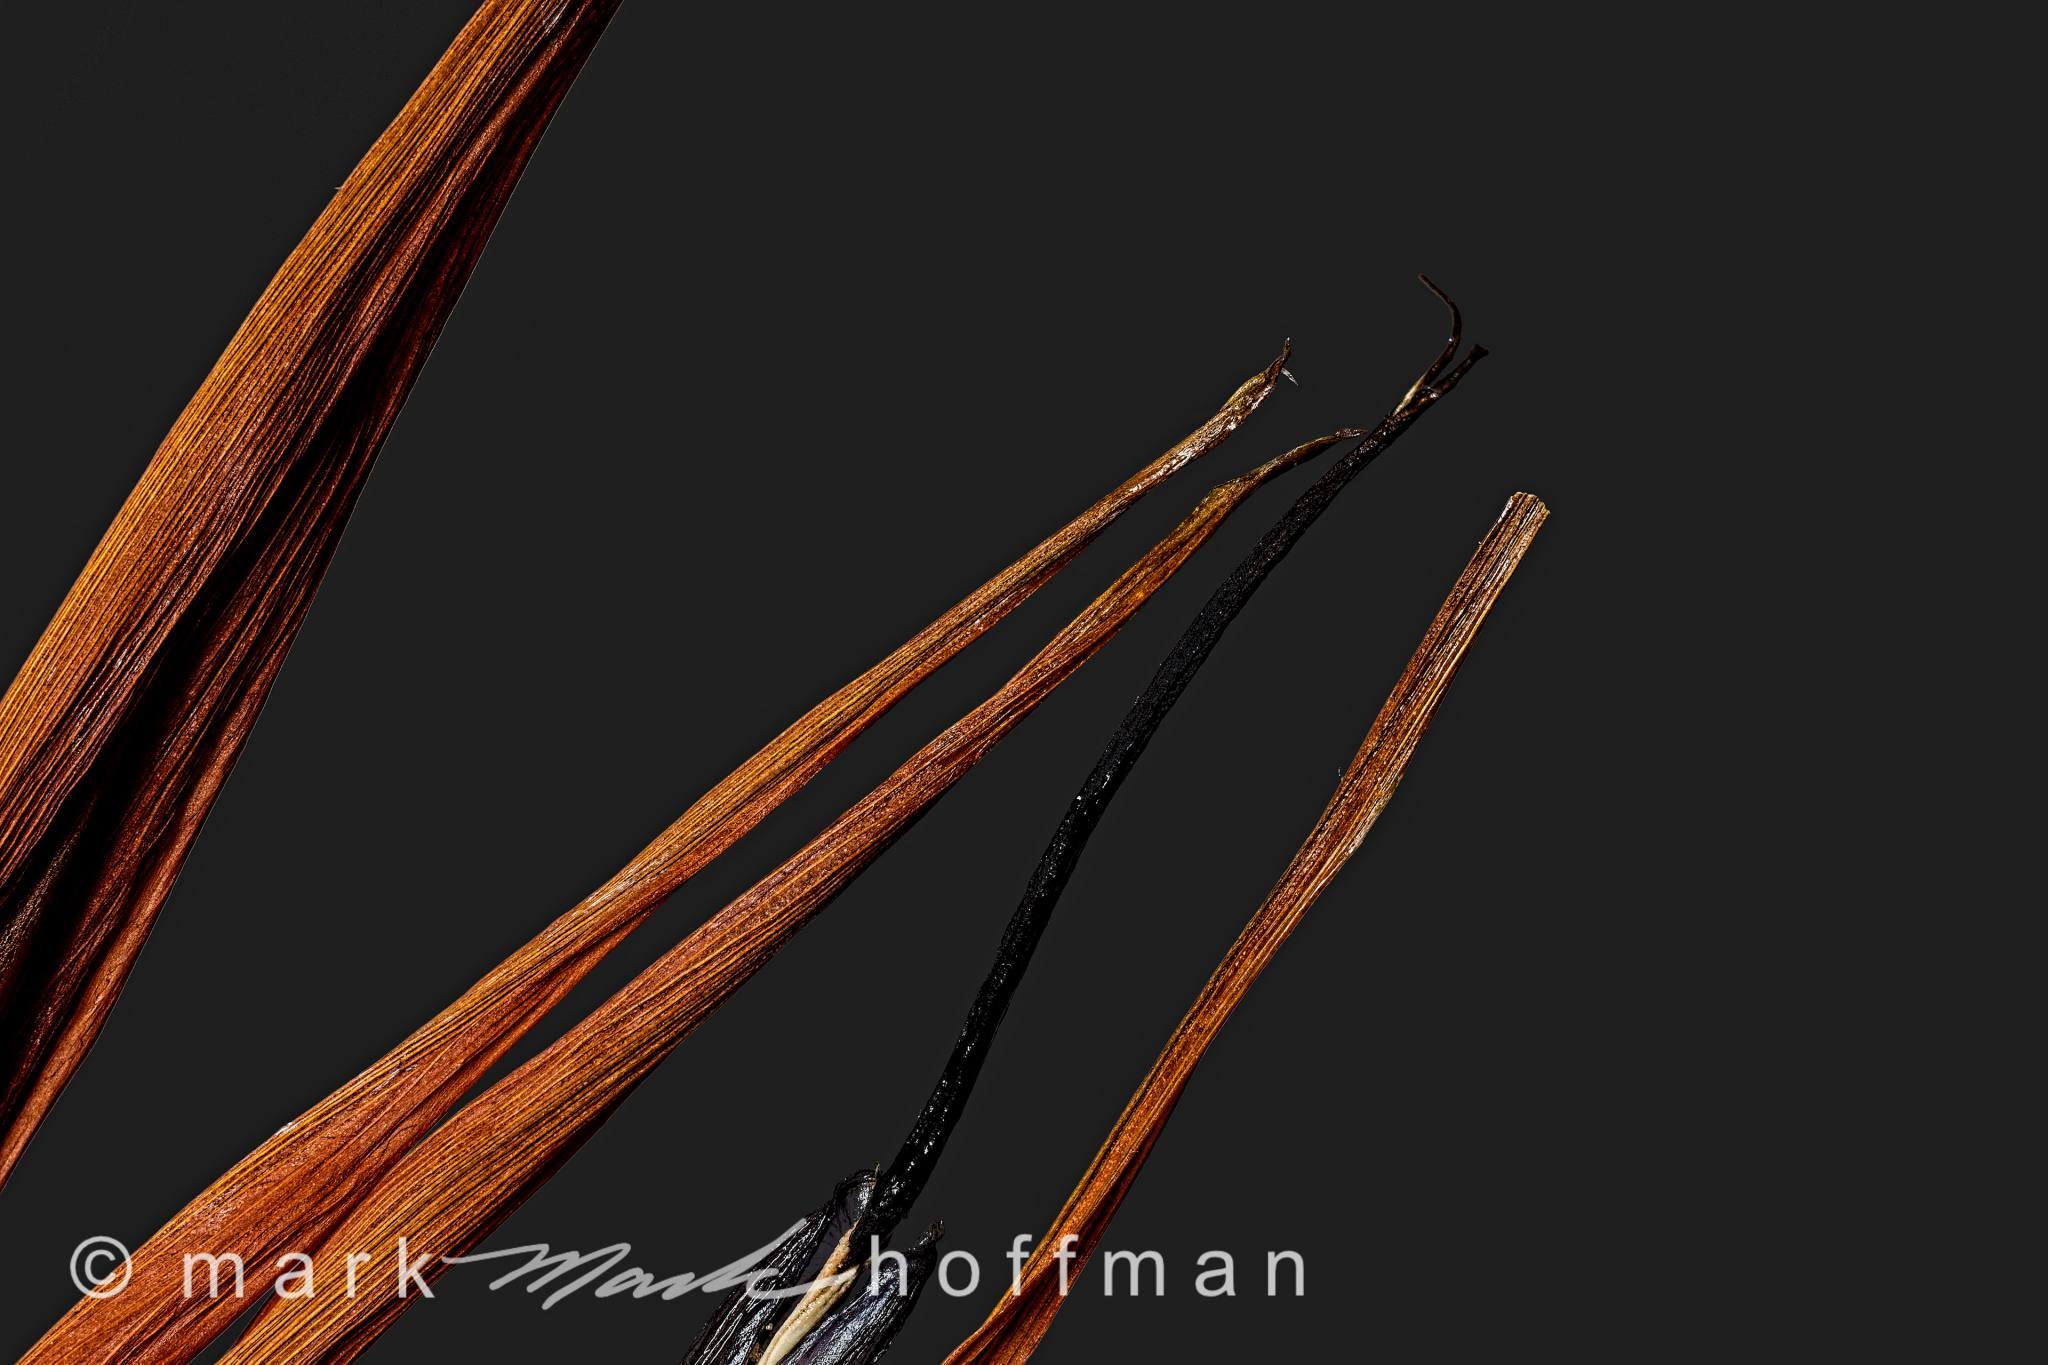 Mark_Hoffman_photophart_20150214_0139to0161_ZSRetDM_TPLum_cap1_var1.jpg